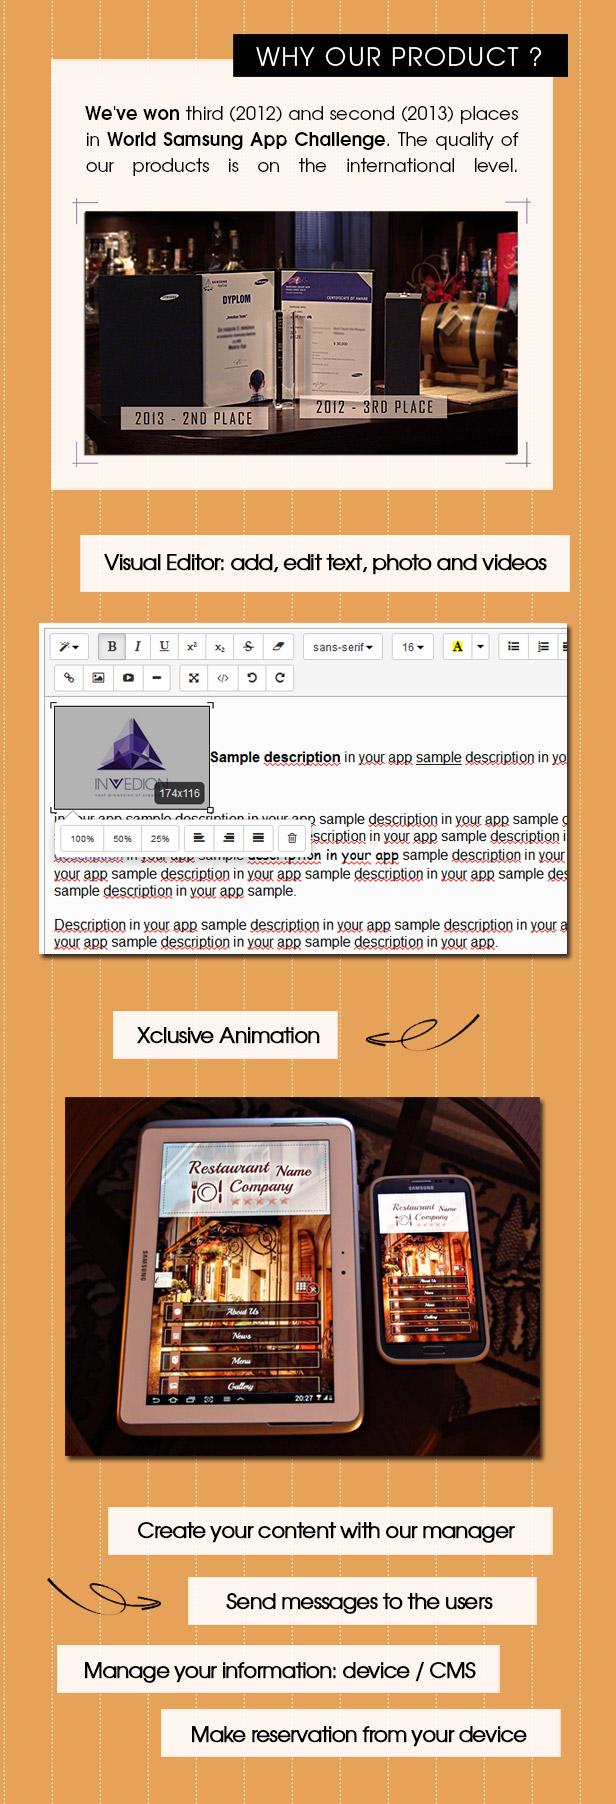 Application de restaurant avec CMS - Android [ 2020 Edition ] - 2